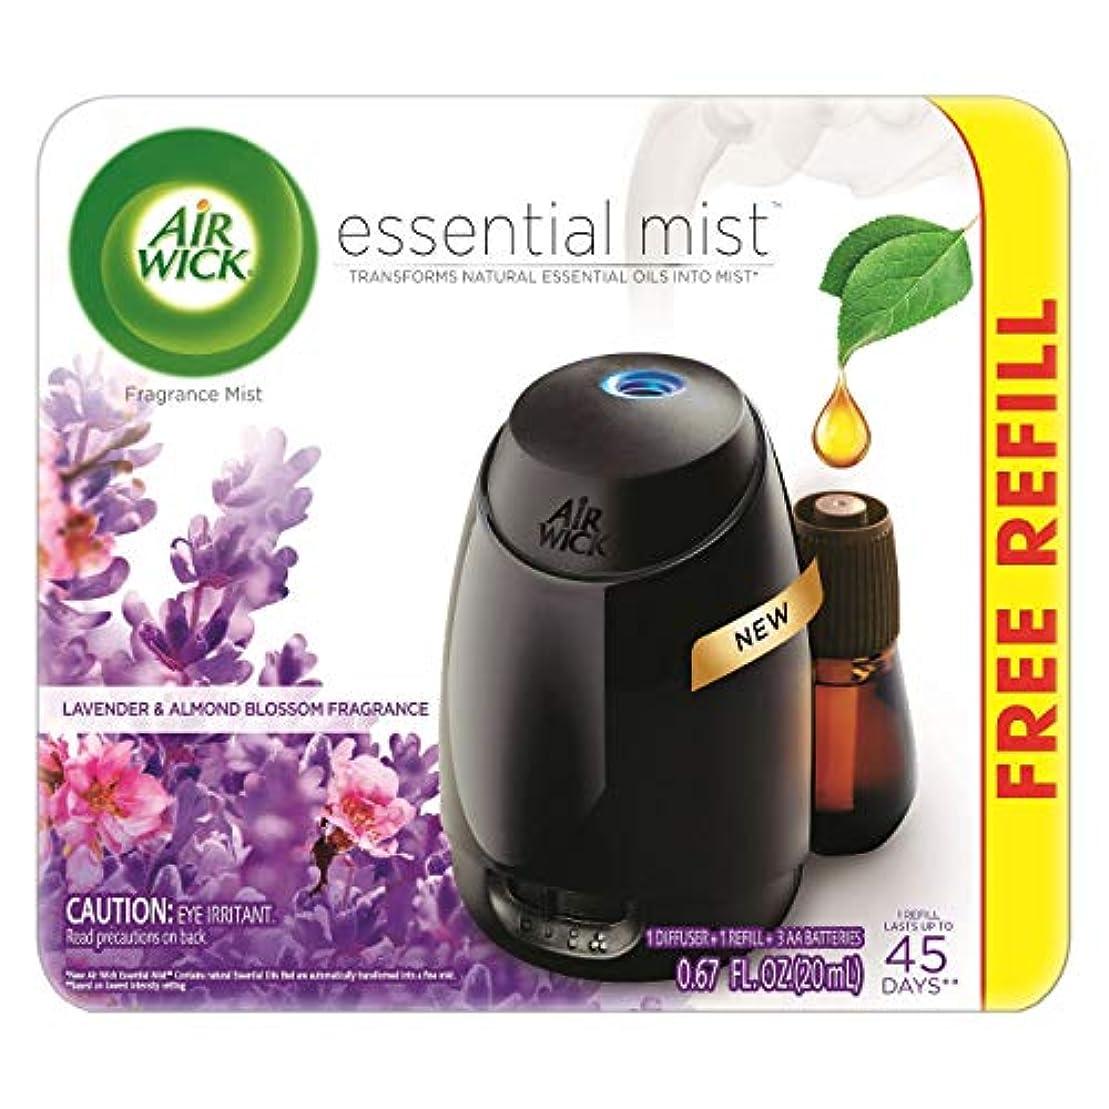 ソート血老人Air Wick Fresh Lavender & Almond Blossom Fragrance Essential エアーウィックフレッシュフレグランスエッセンシャルミスト本体+ ラベンダー&アーモンドブロッサム 芳香剤 20ml 、1パック [並行輸入品]